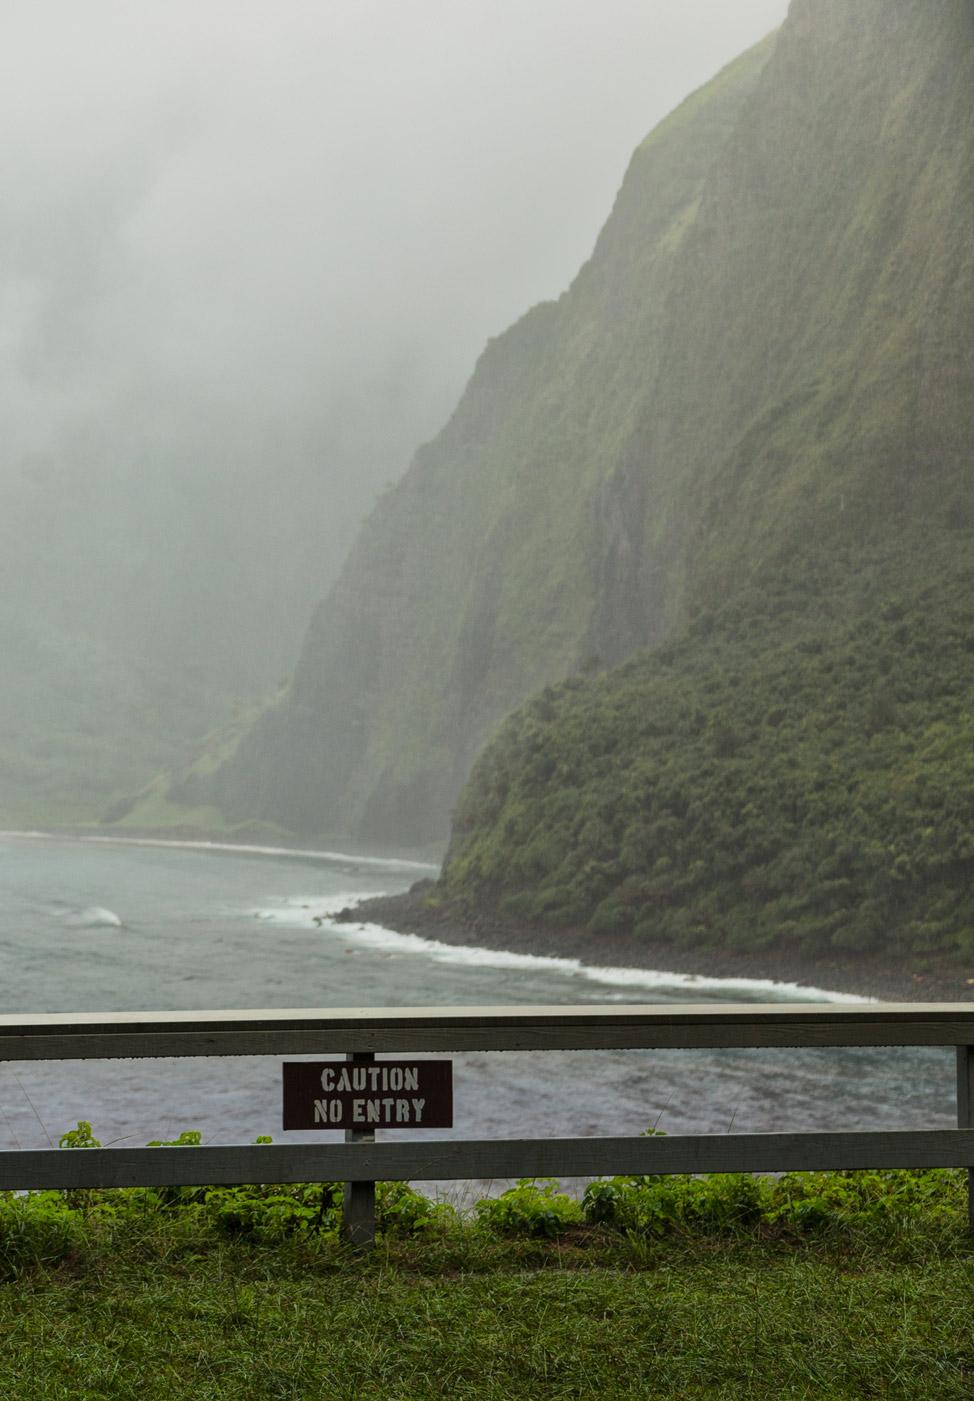 Caution Sea Cliffs